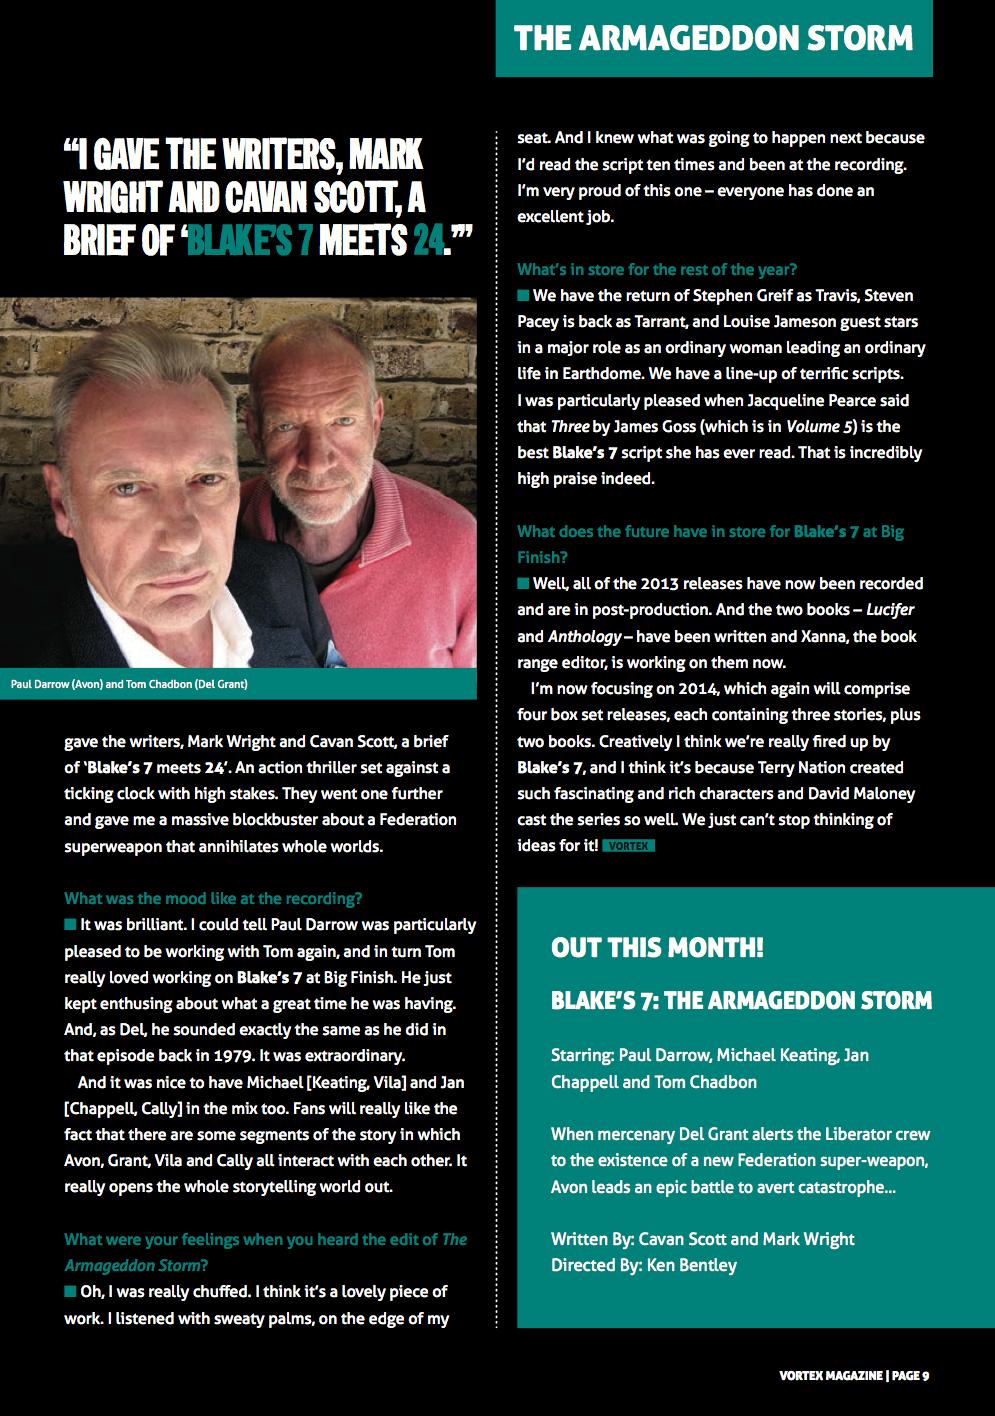 Vortex article: Page 2